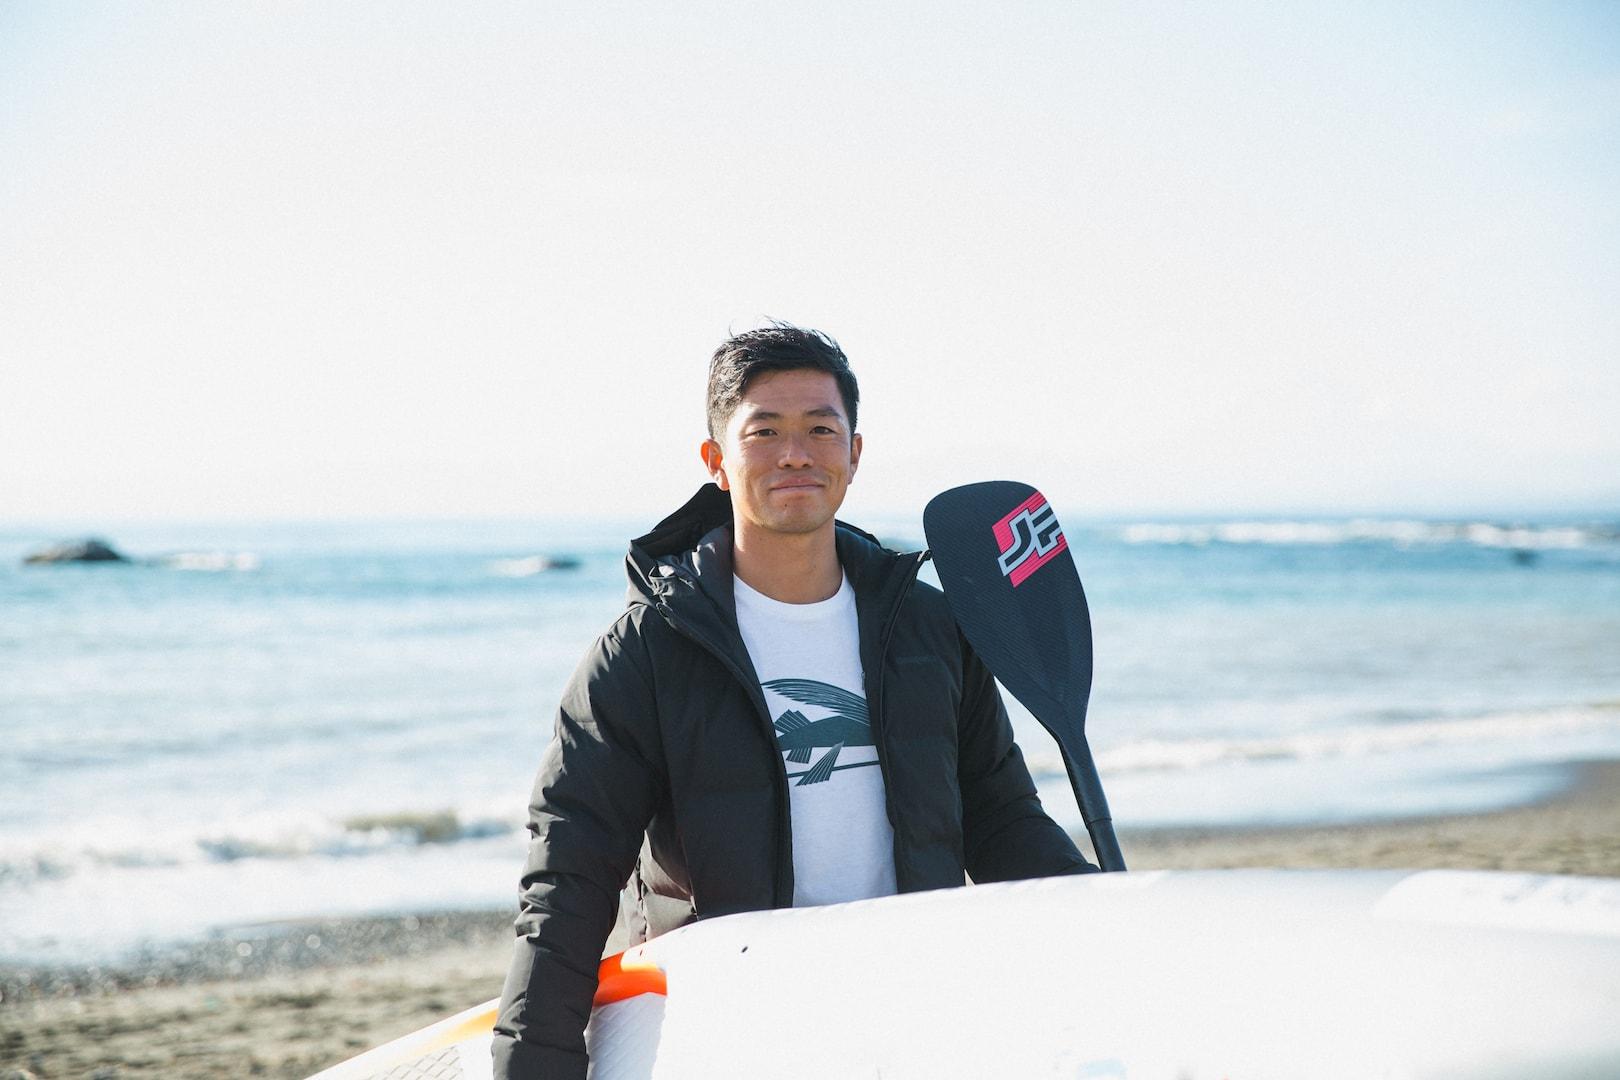 海を漕ぐ。その楽しさをいろんな人に知ってもらいたい。全日本SUP選手権チャンピオン・金子ケニーさんが伝えたい「自然に感謝し、共存する暮らし」